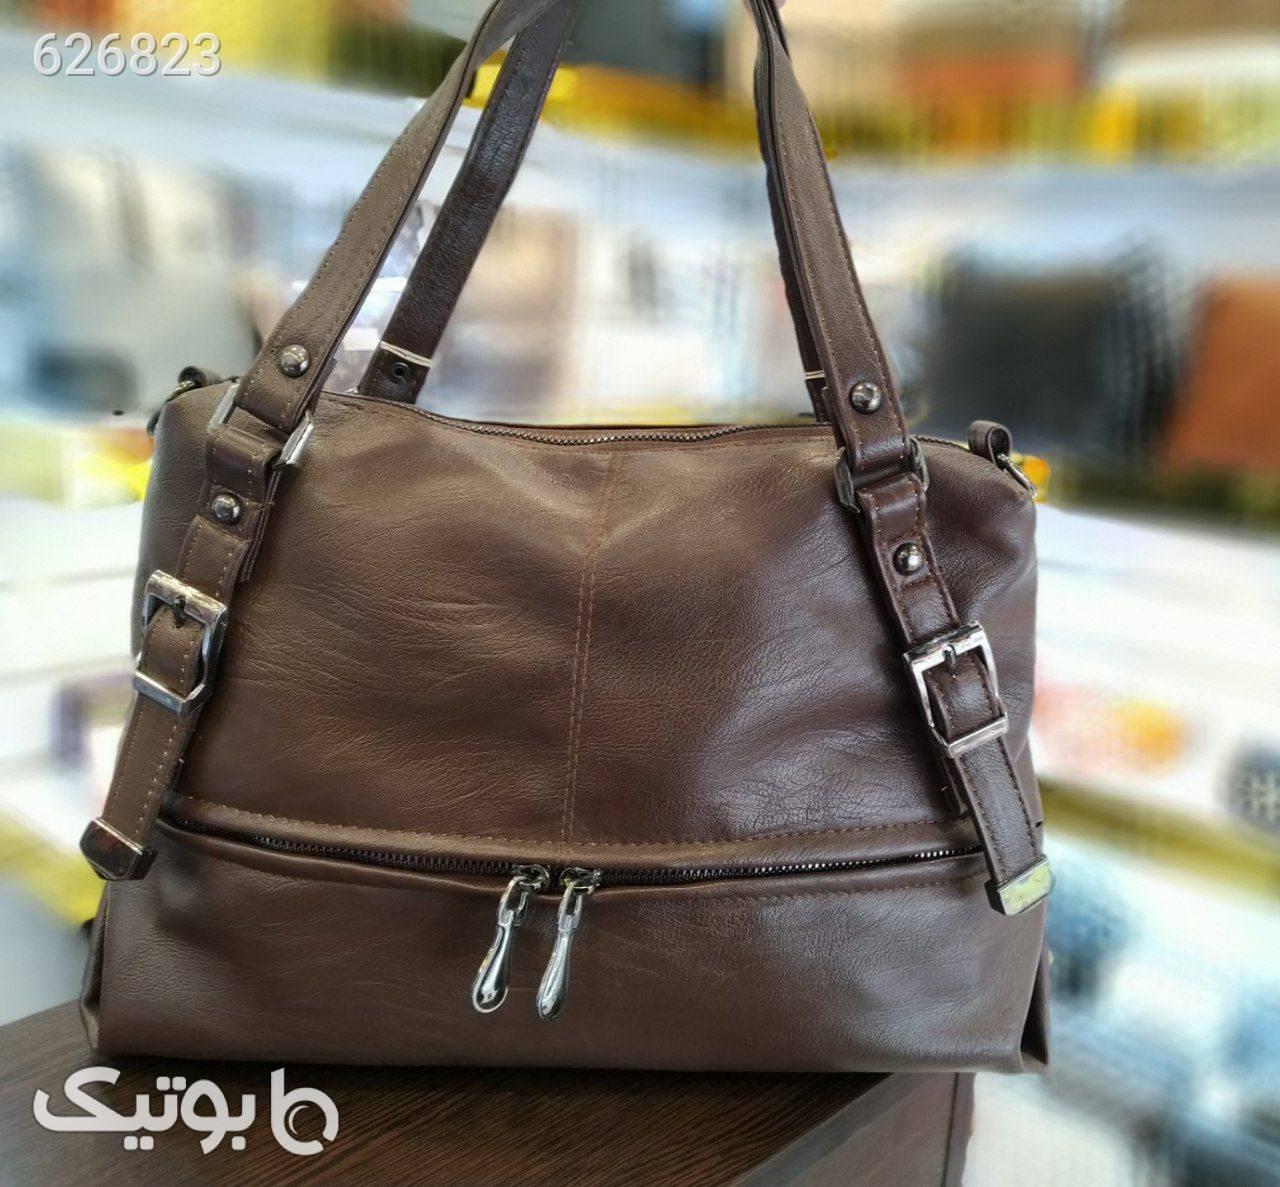 کیف زنانه شسته جلوزیپ فلزی نقره ای كيف زنانه